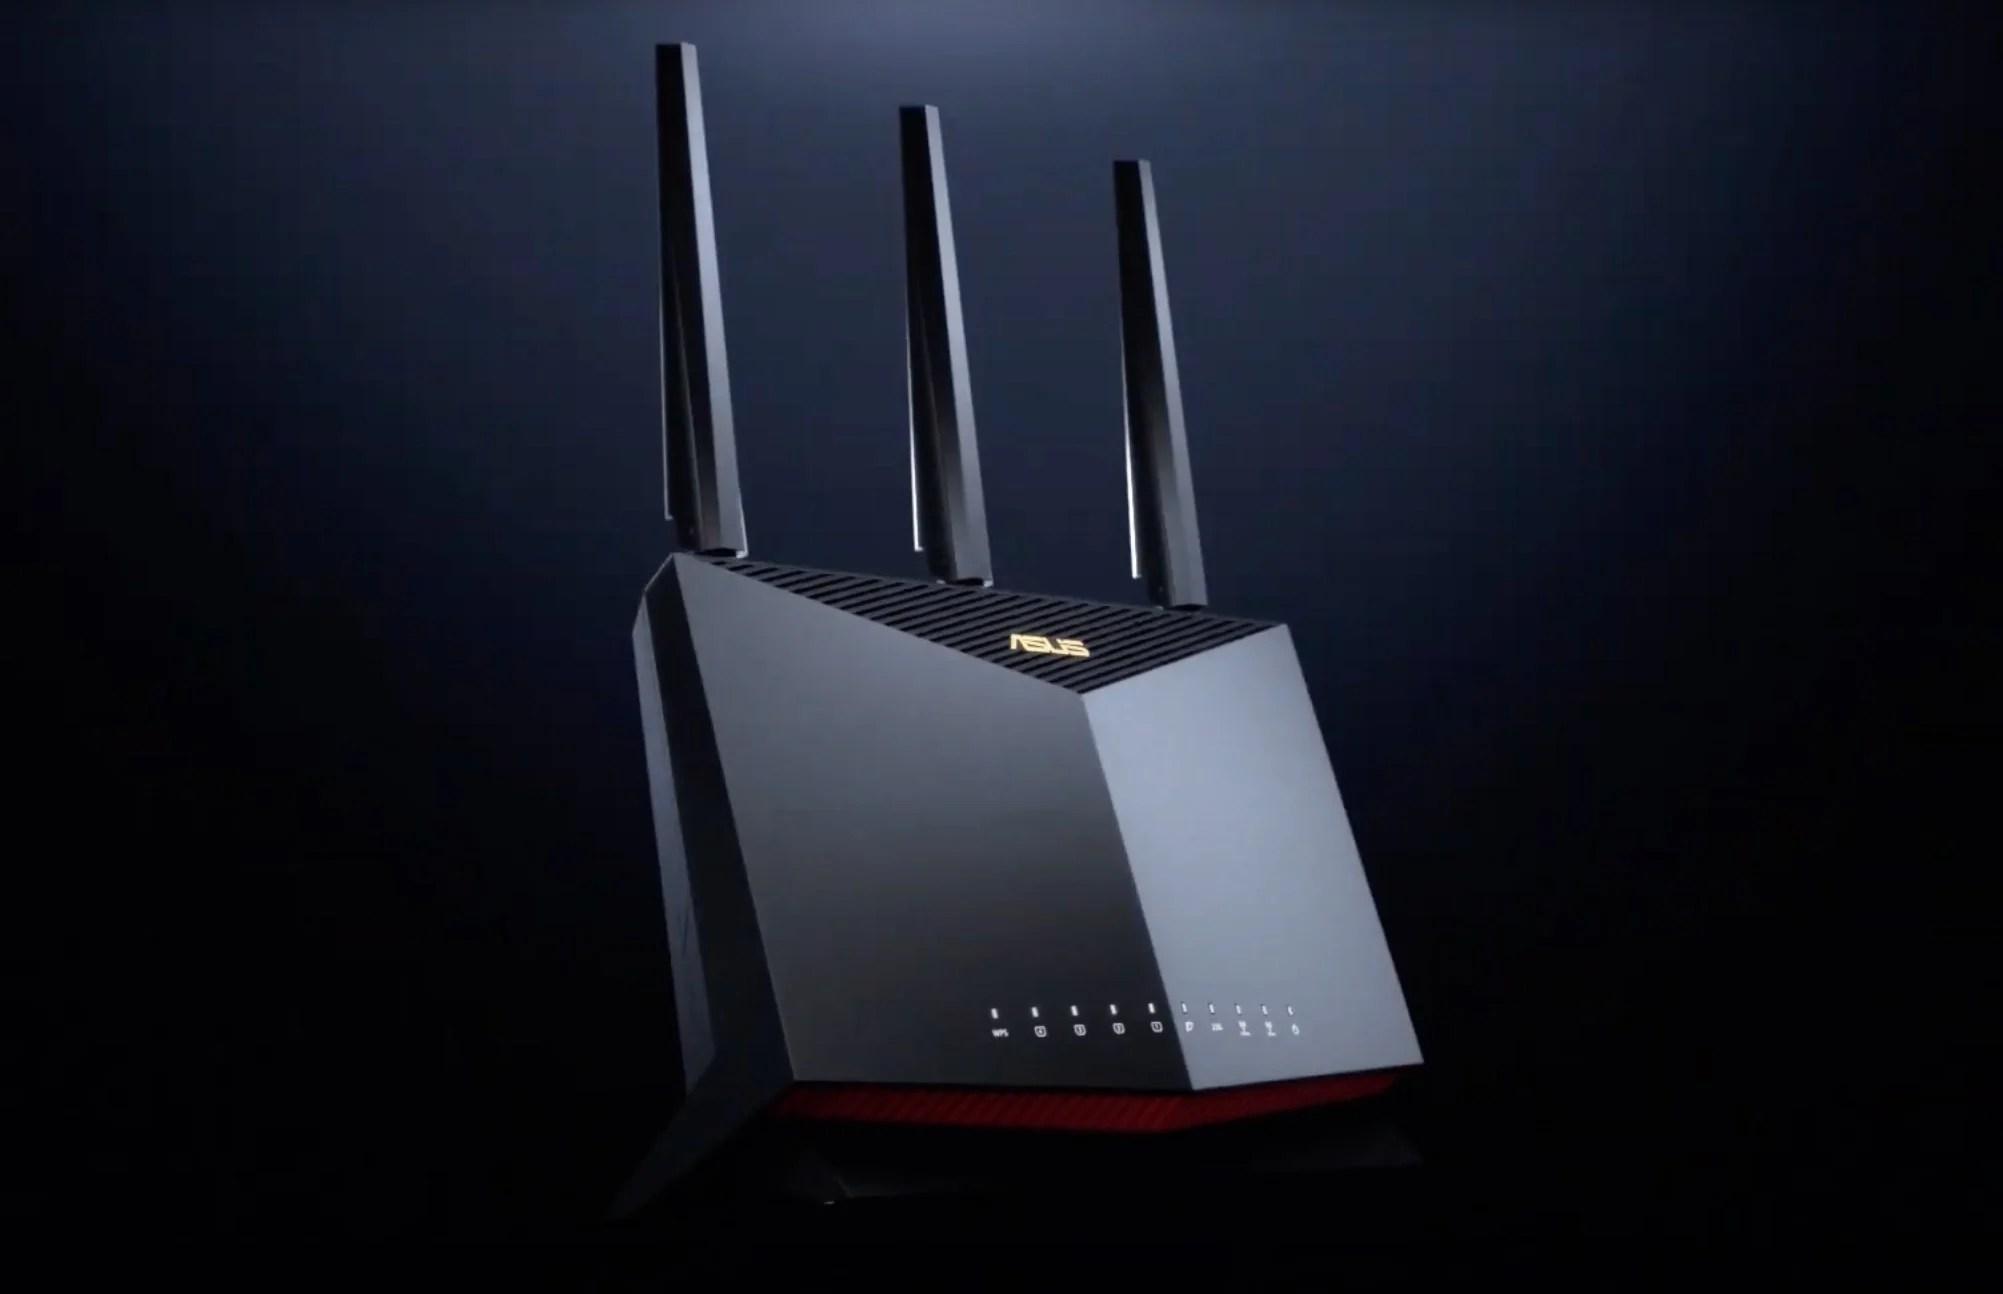 L'Asus RT-AX86U devient le premier routeur Wi-Fi 6 certifié GeForce Now